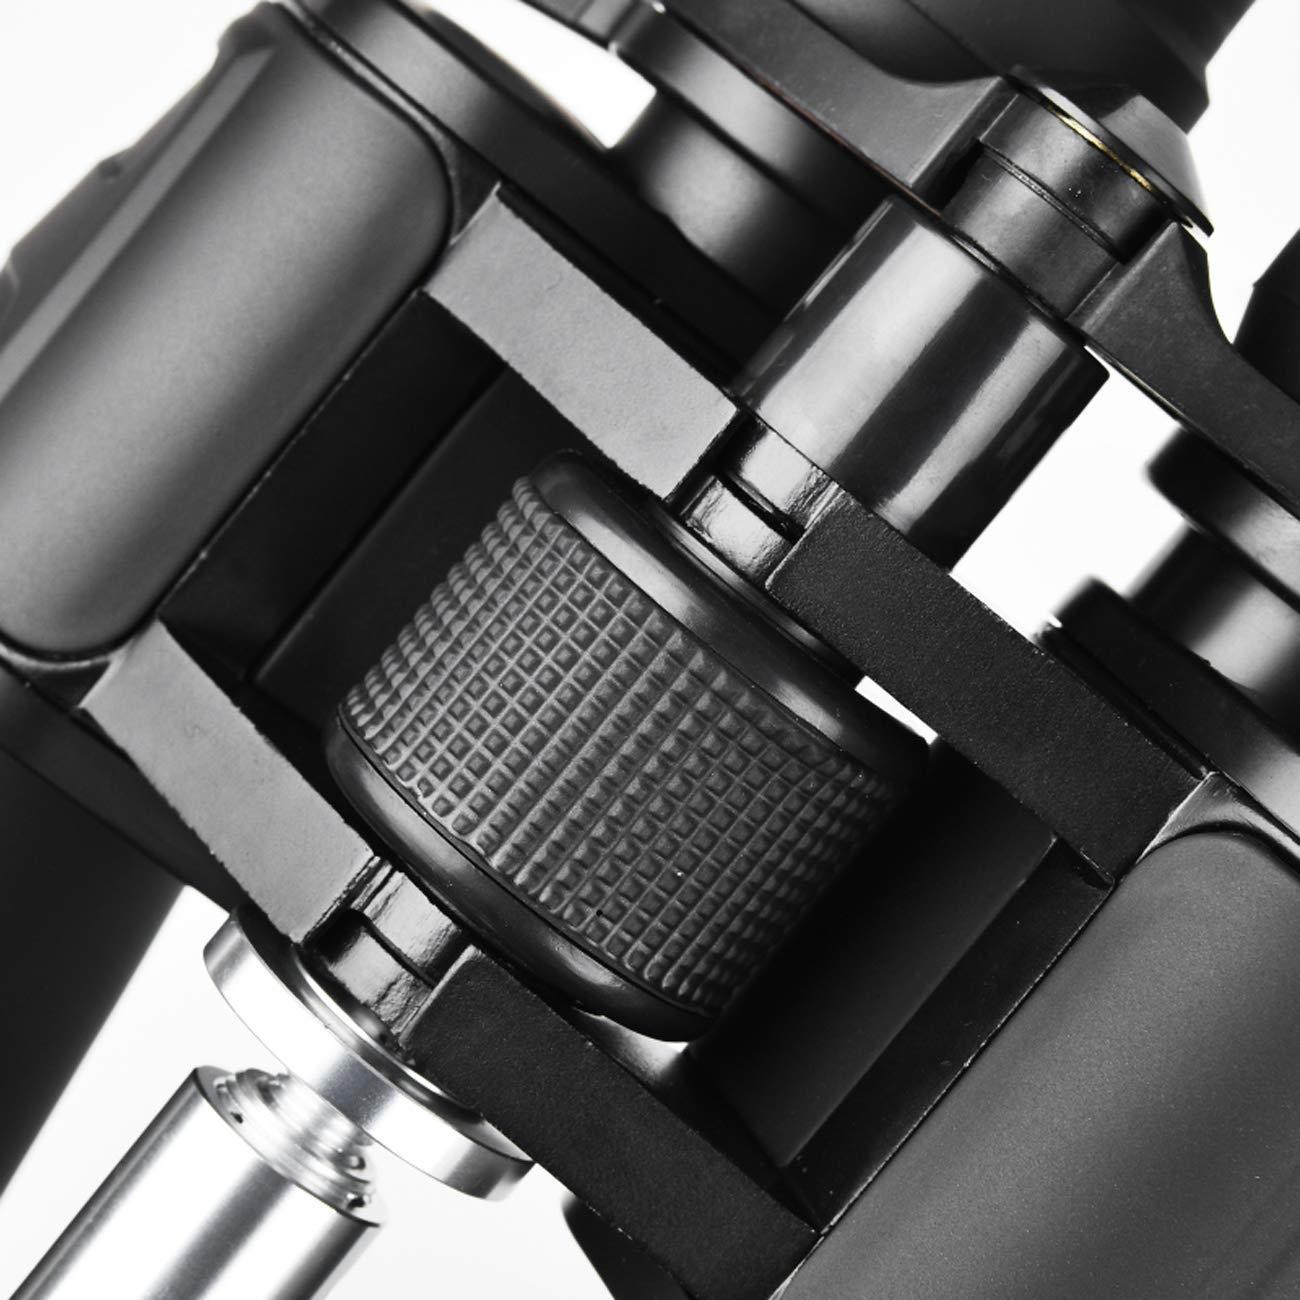 Dadiao Super Zoom 30-260X160 Telescopio Profesional Potente HD Vision High Times Binocular de Largo Alcance para la Caza Observaci/ón de Estrellas